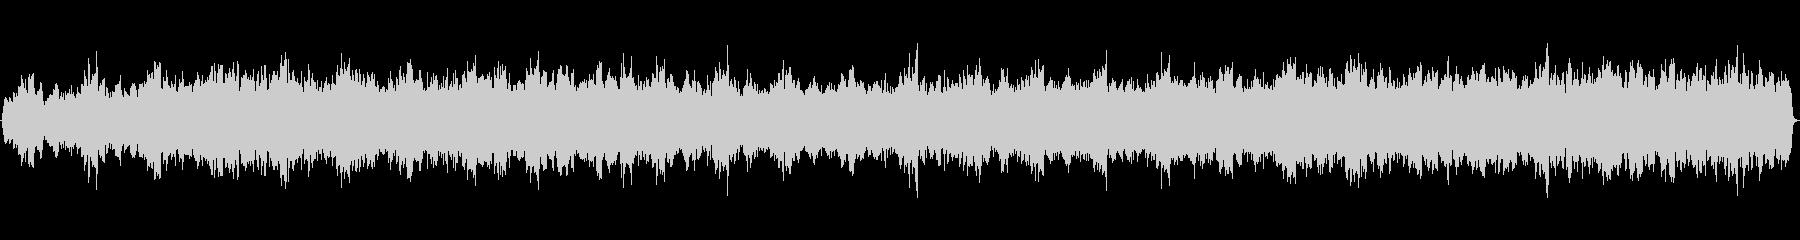 パッヘルベルのカノンの未再生の波形